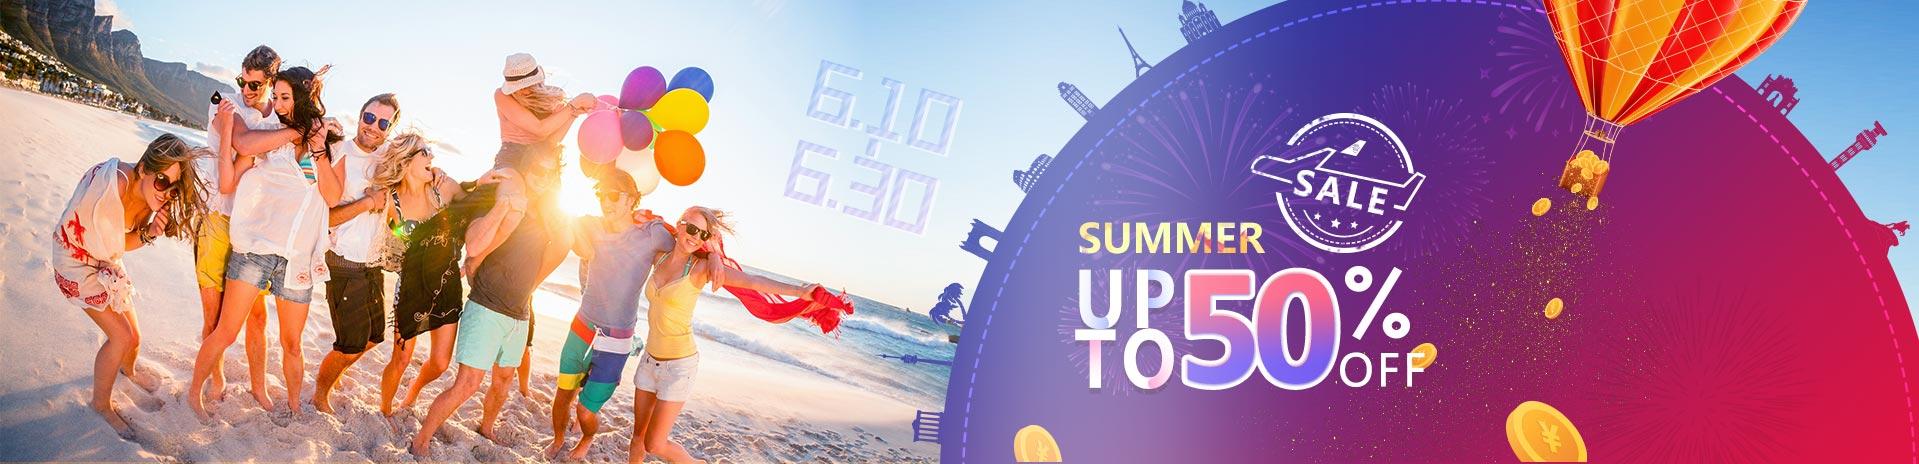 Flüge: [Sommerverkauf] Mit China Southern nach China, Asien, Australien und Neuseeland